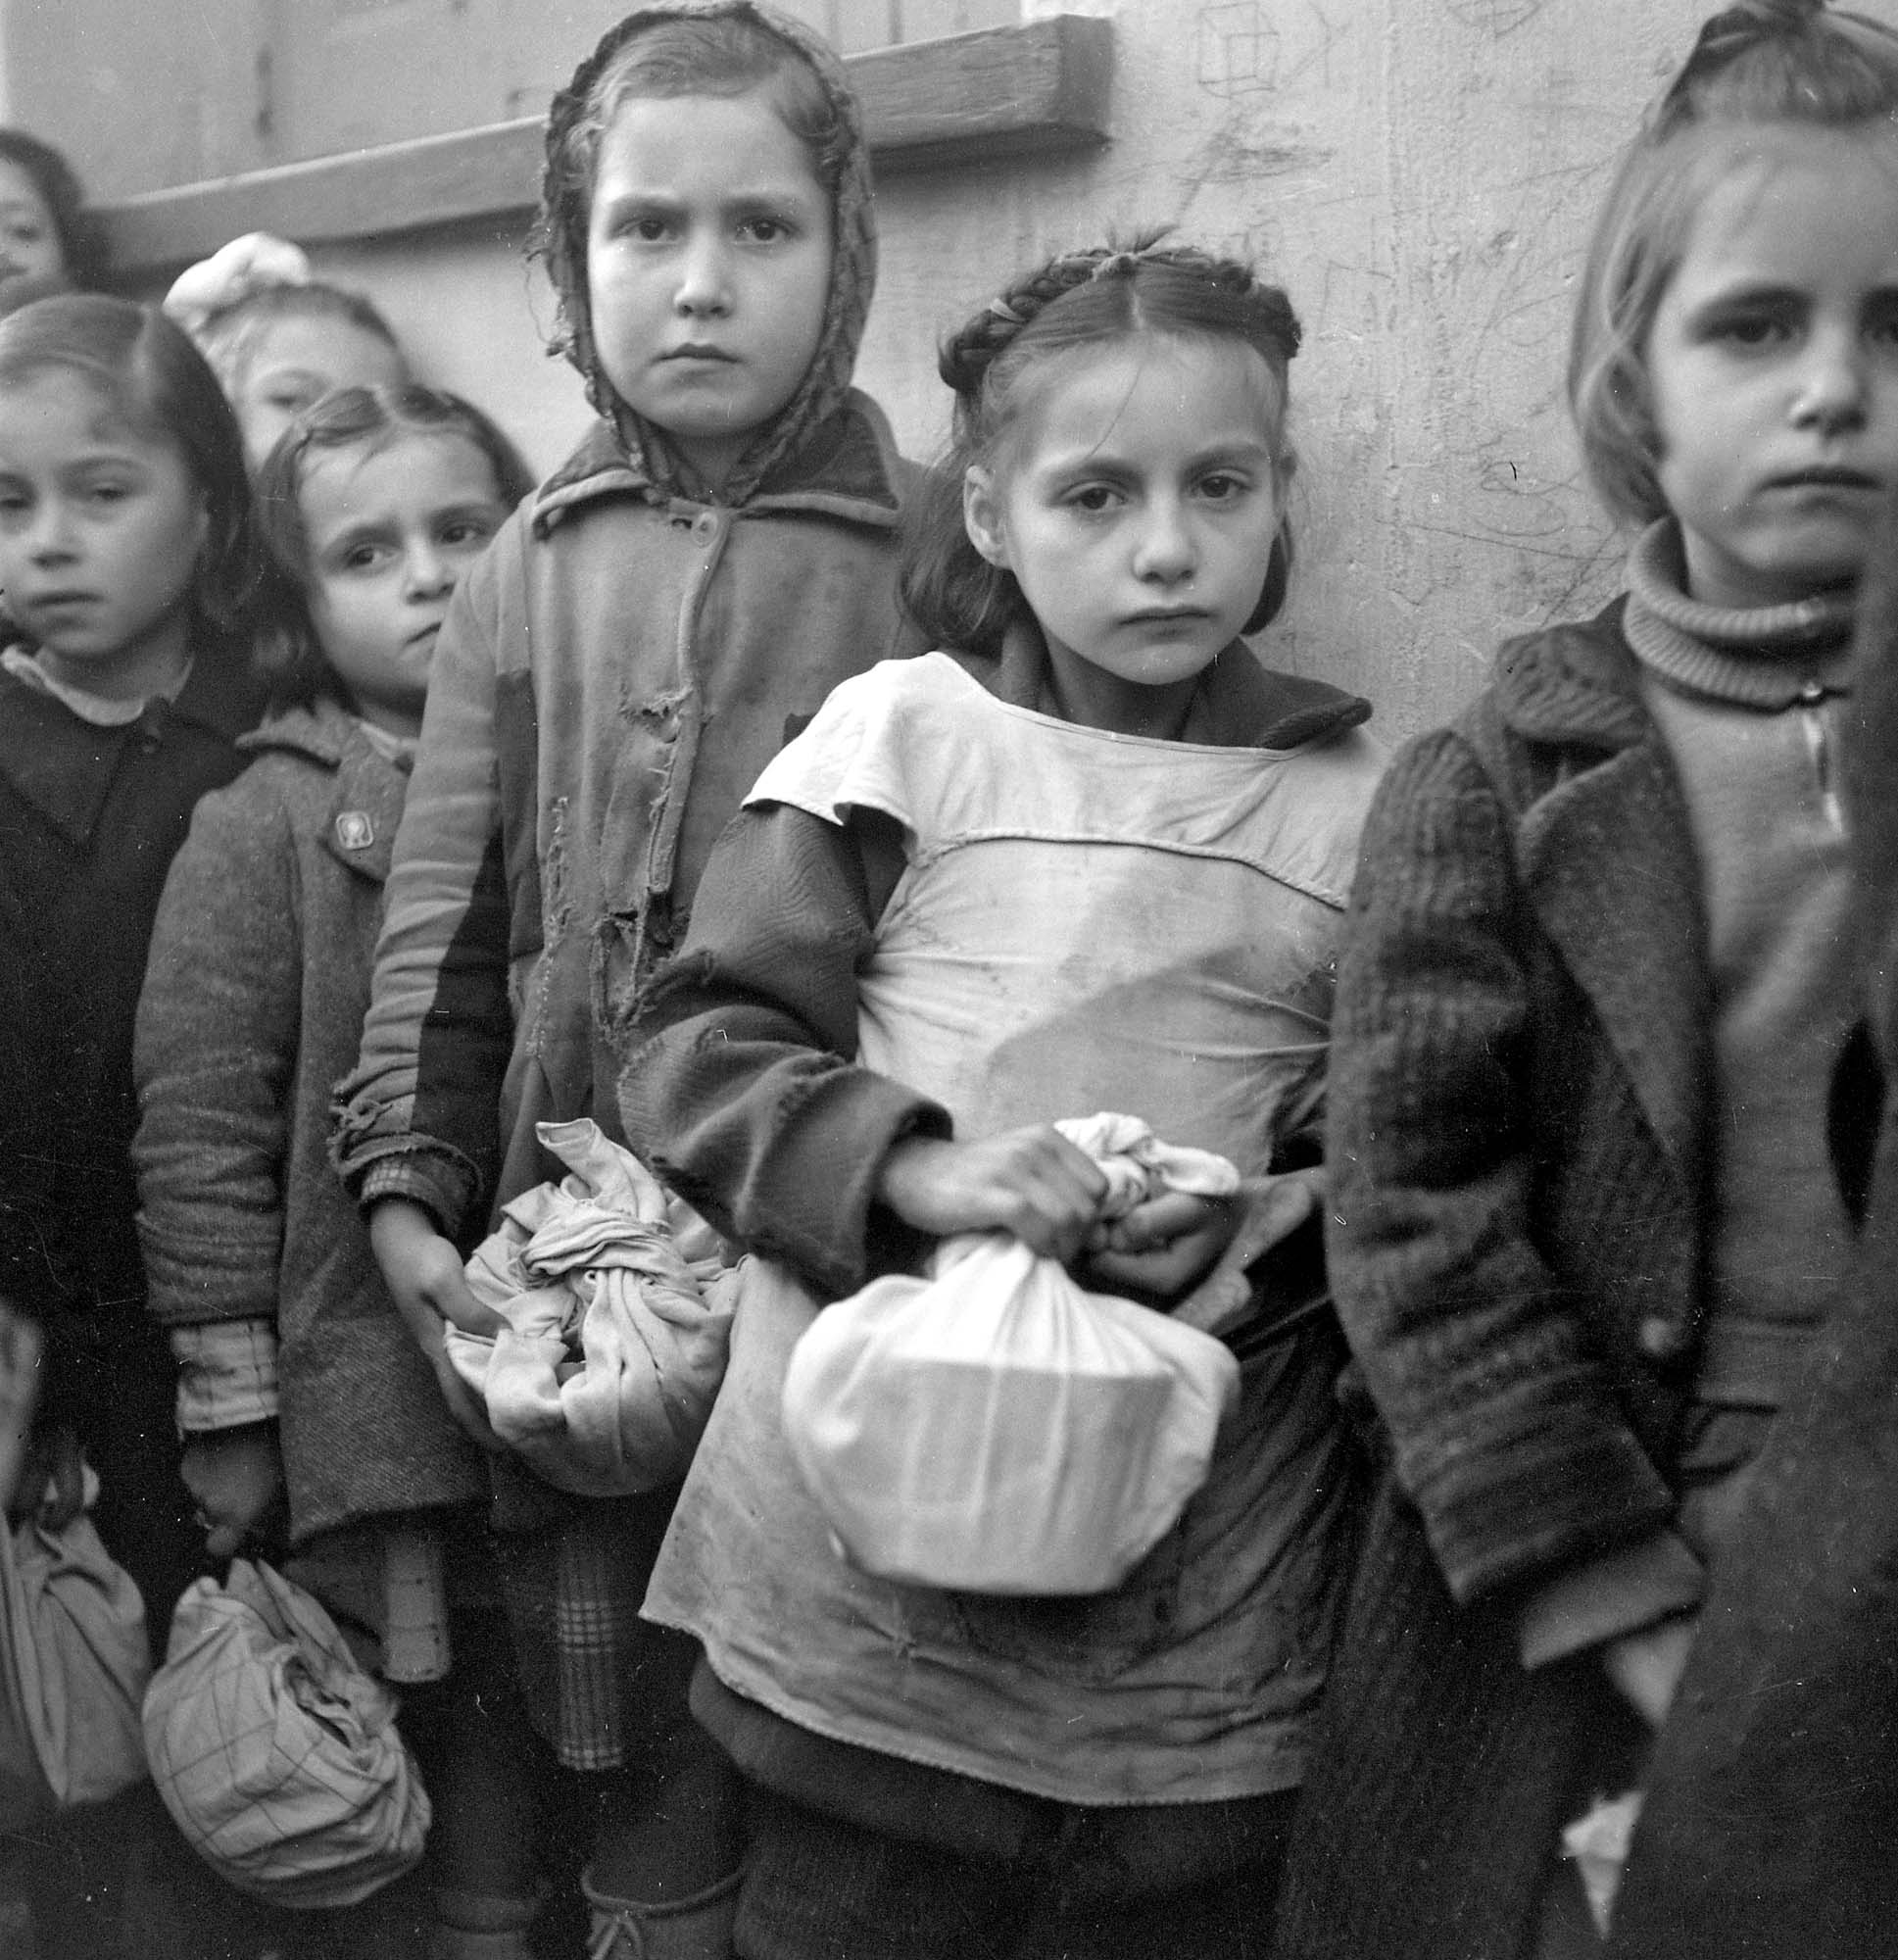 Η θυσία της δασκάλας για να σωθούν τα παιδιά από την πείνα της κατοχής. Ένα συγκινητικό μάθημα από ήρωες εκπαιδευτικούς, που δεν έγραψε ποτέ η ιστορία